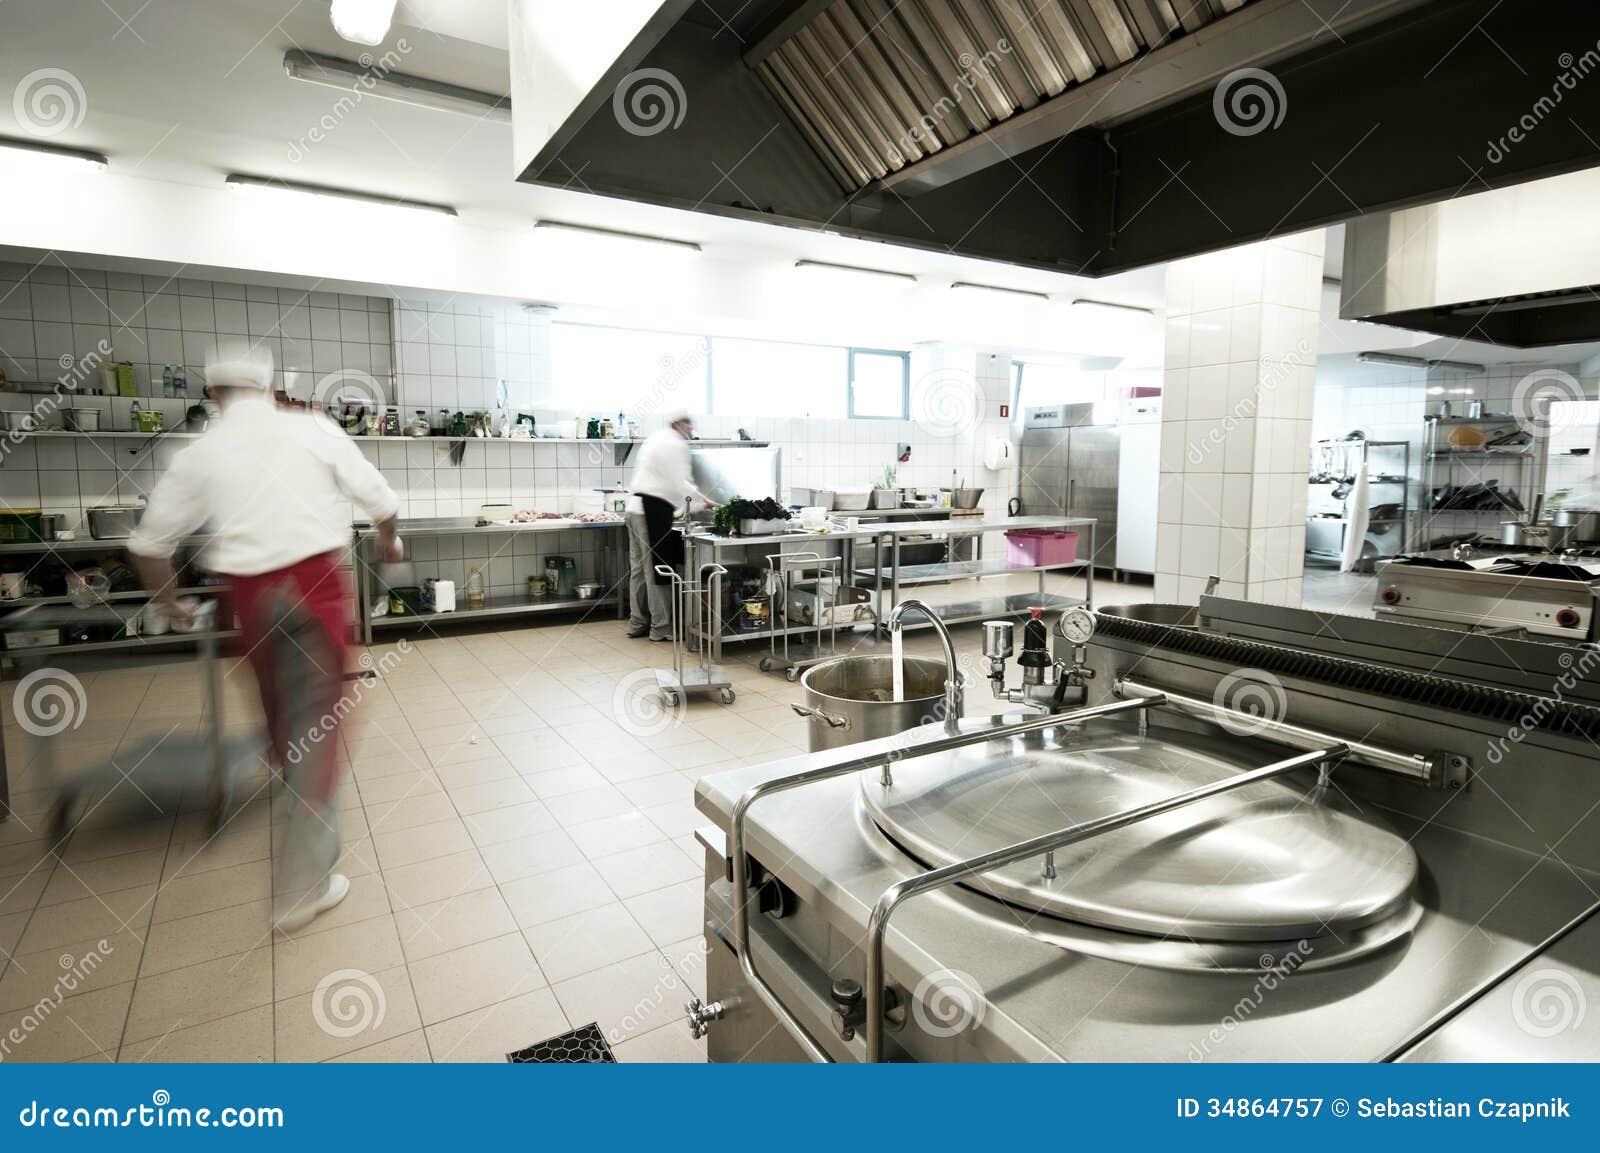 Cocina industrial fotograf a de archivo libre de regal as for Cocina wok industrial